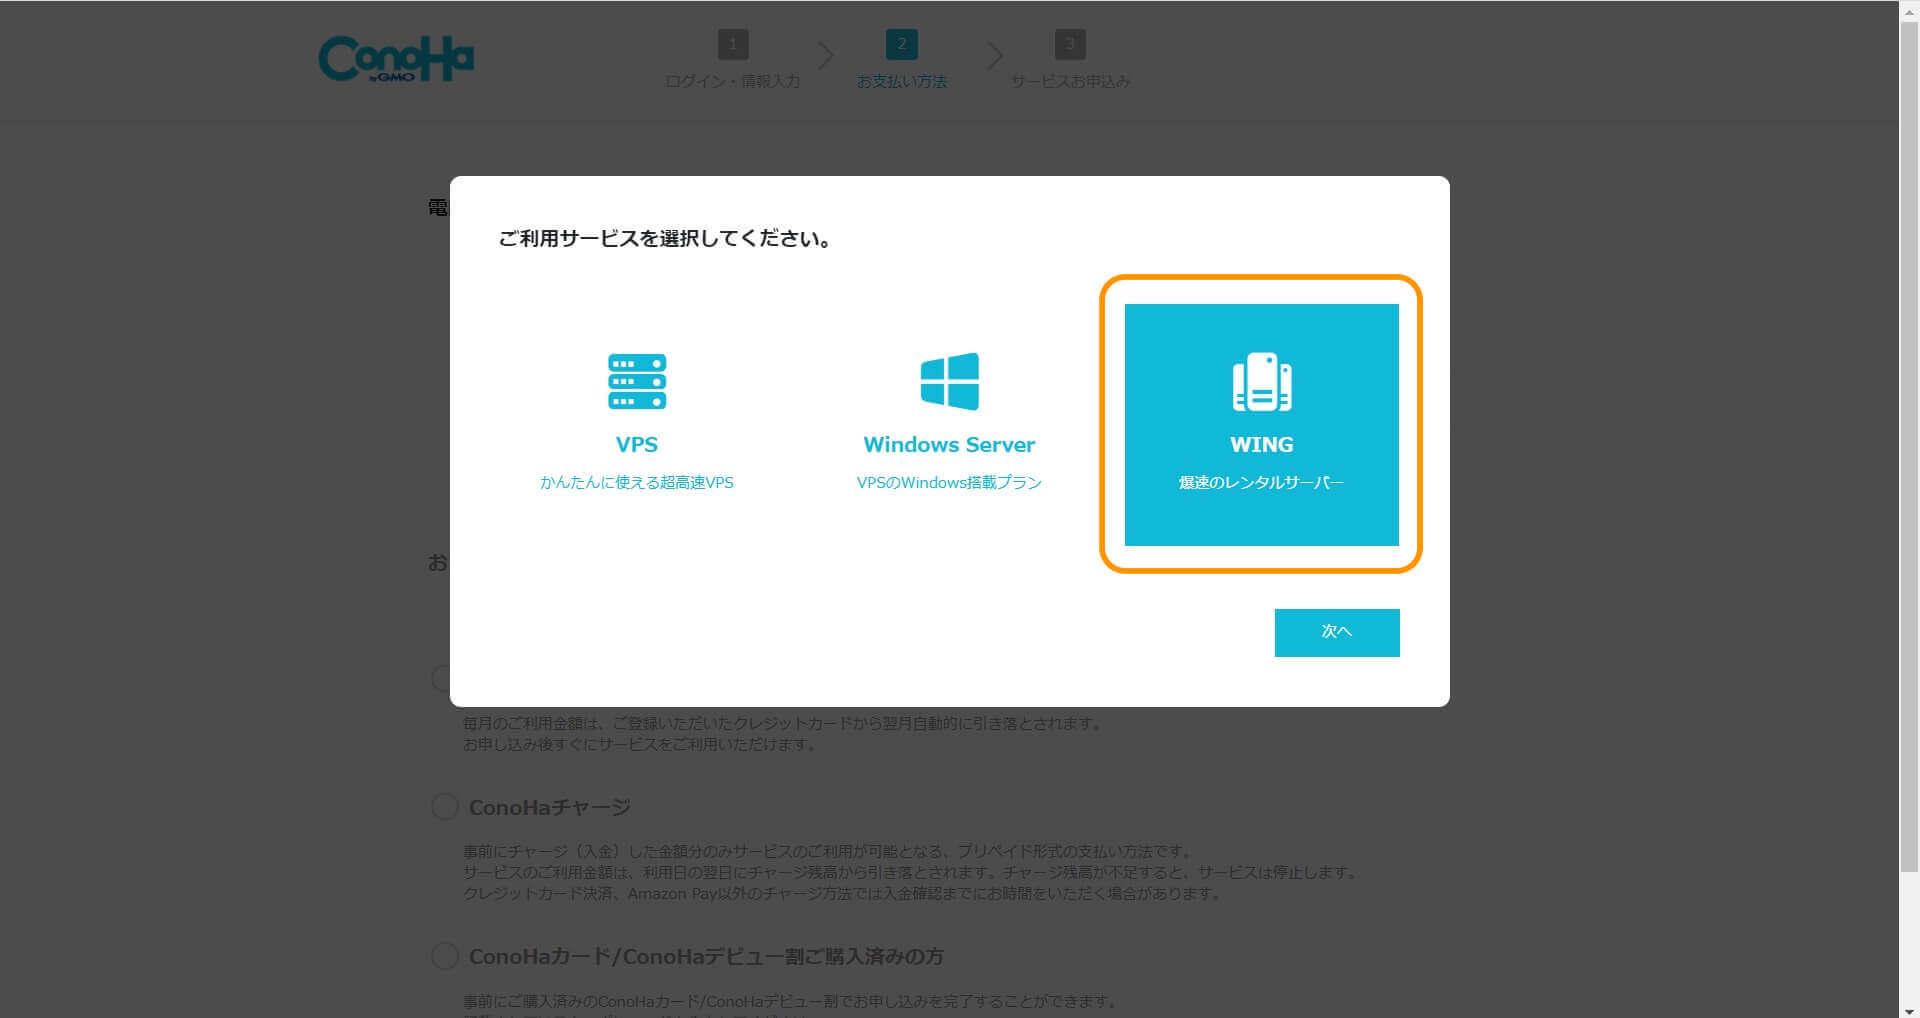 サービスの選択画面